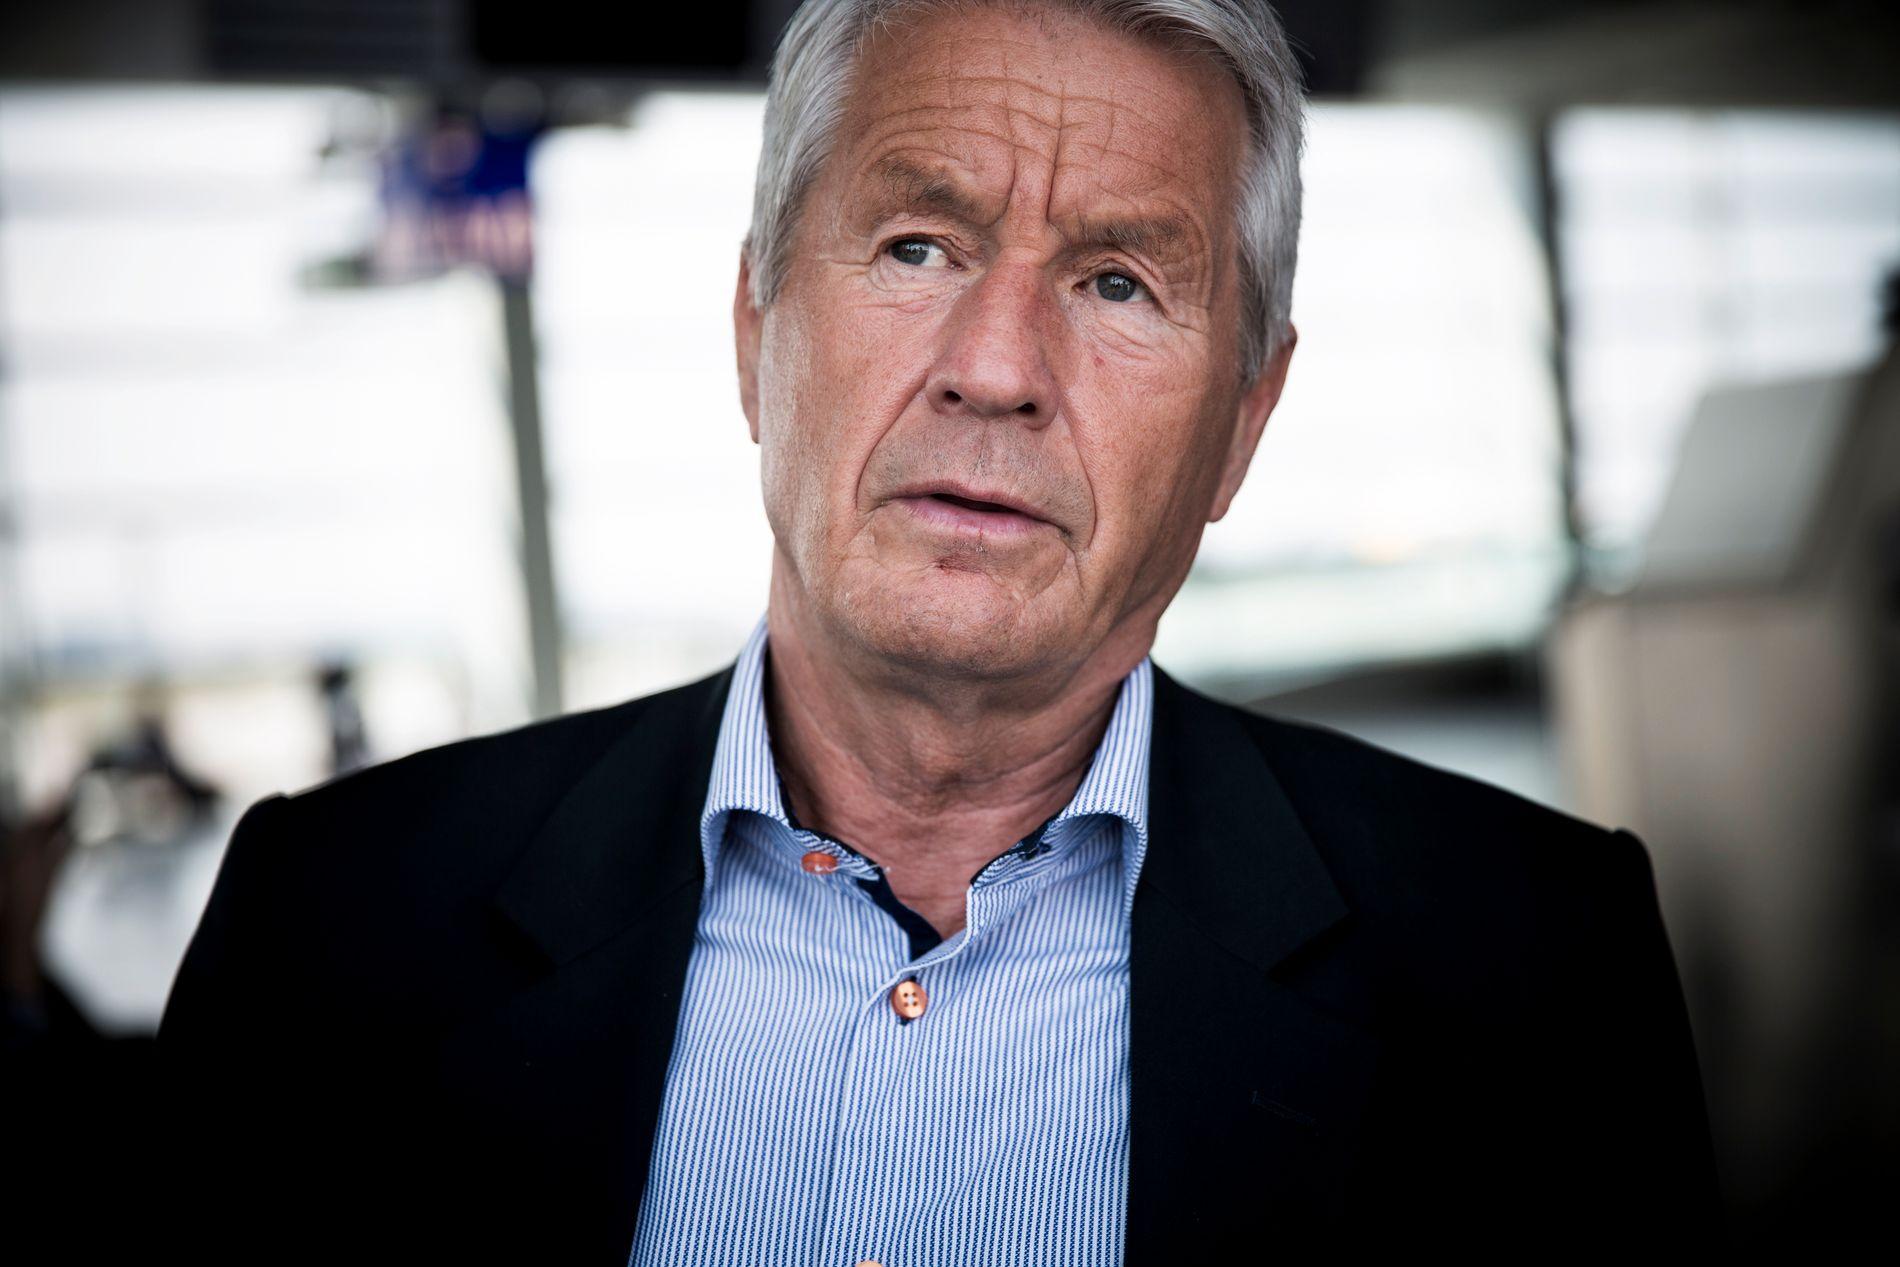 AKTIV PÅ FACEBOOK: Thorbjørn Jagland kommenterer jevnlig europeisk såvel som norsk politikk på sin Facebook-side. Innleggene har fått flere til å reagere, nå også norsk UD.